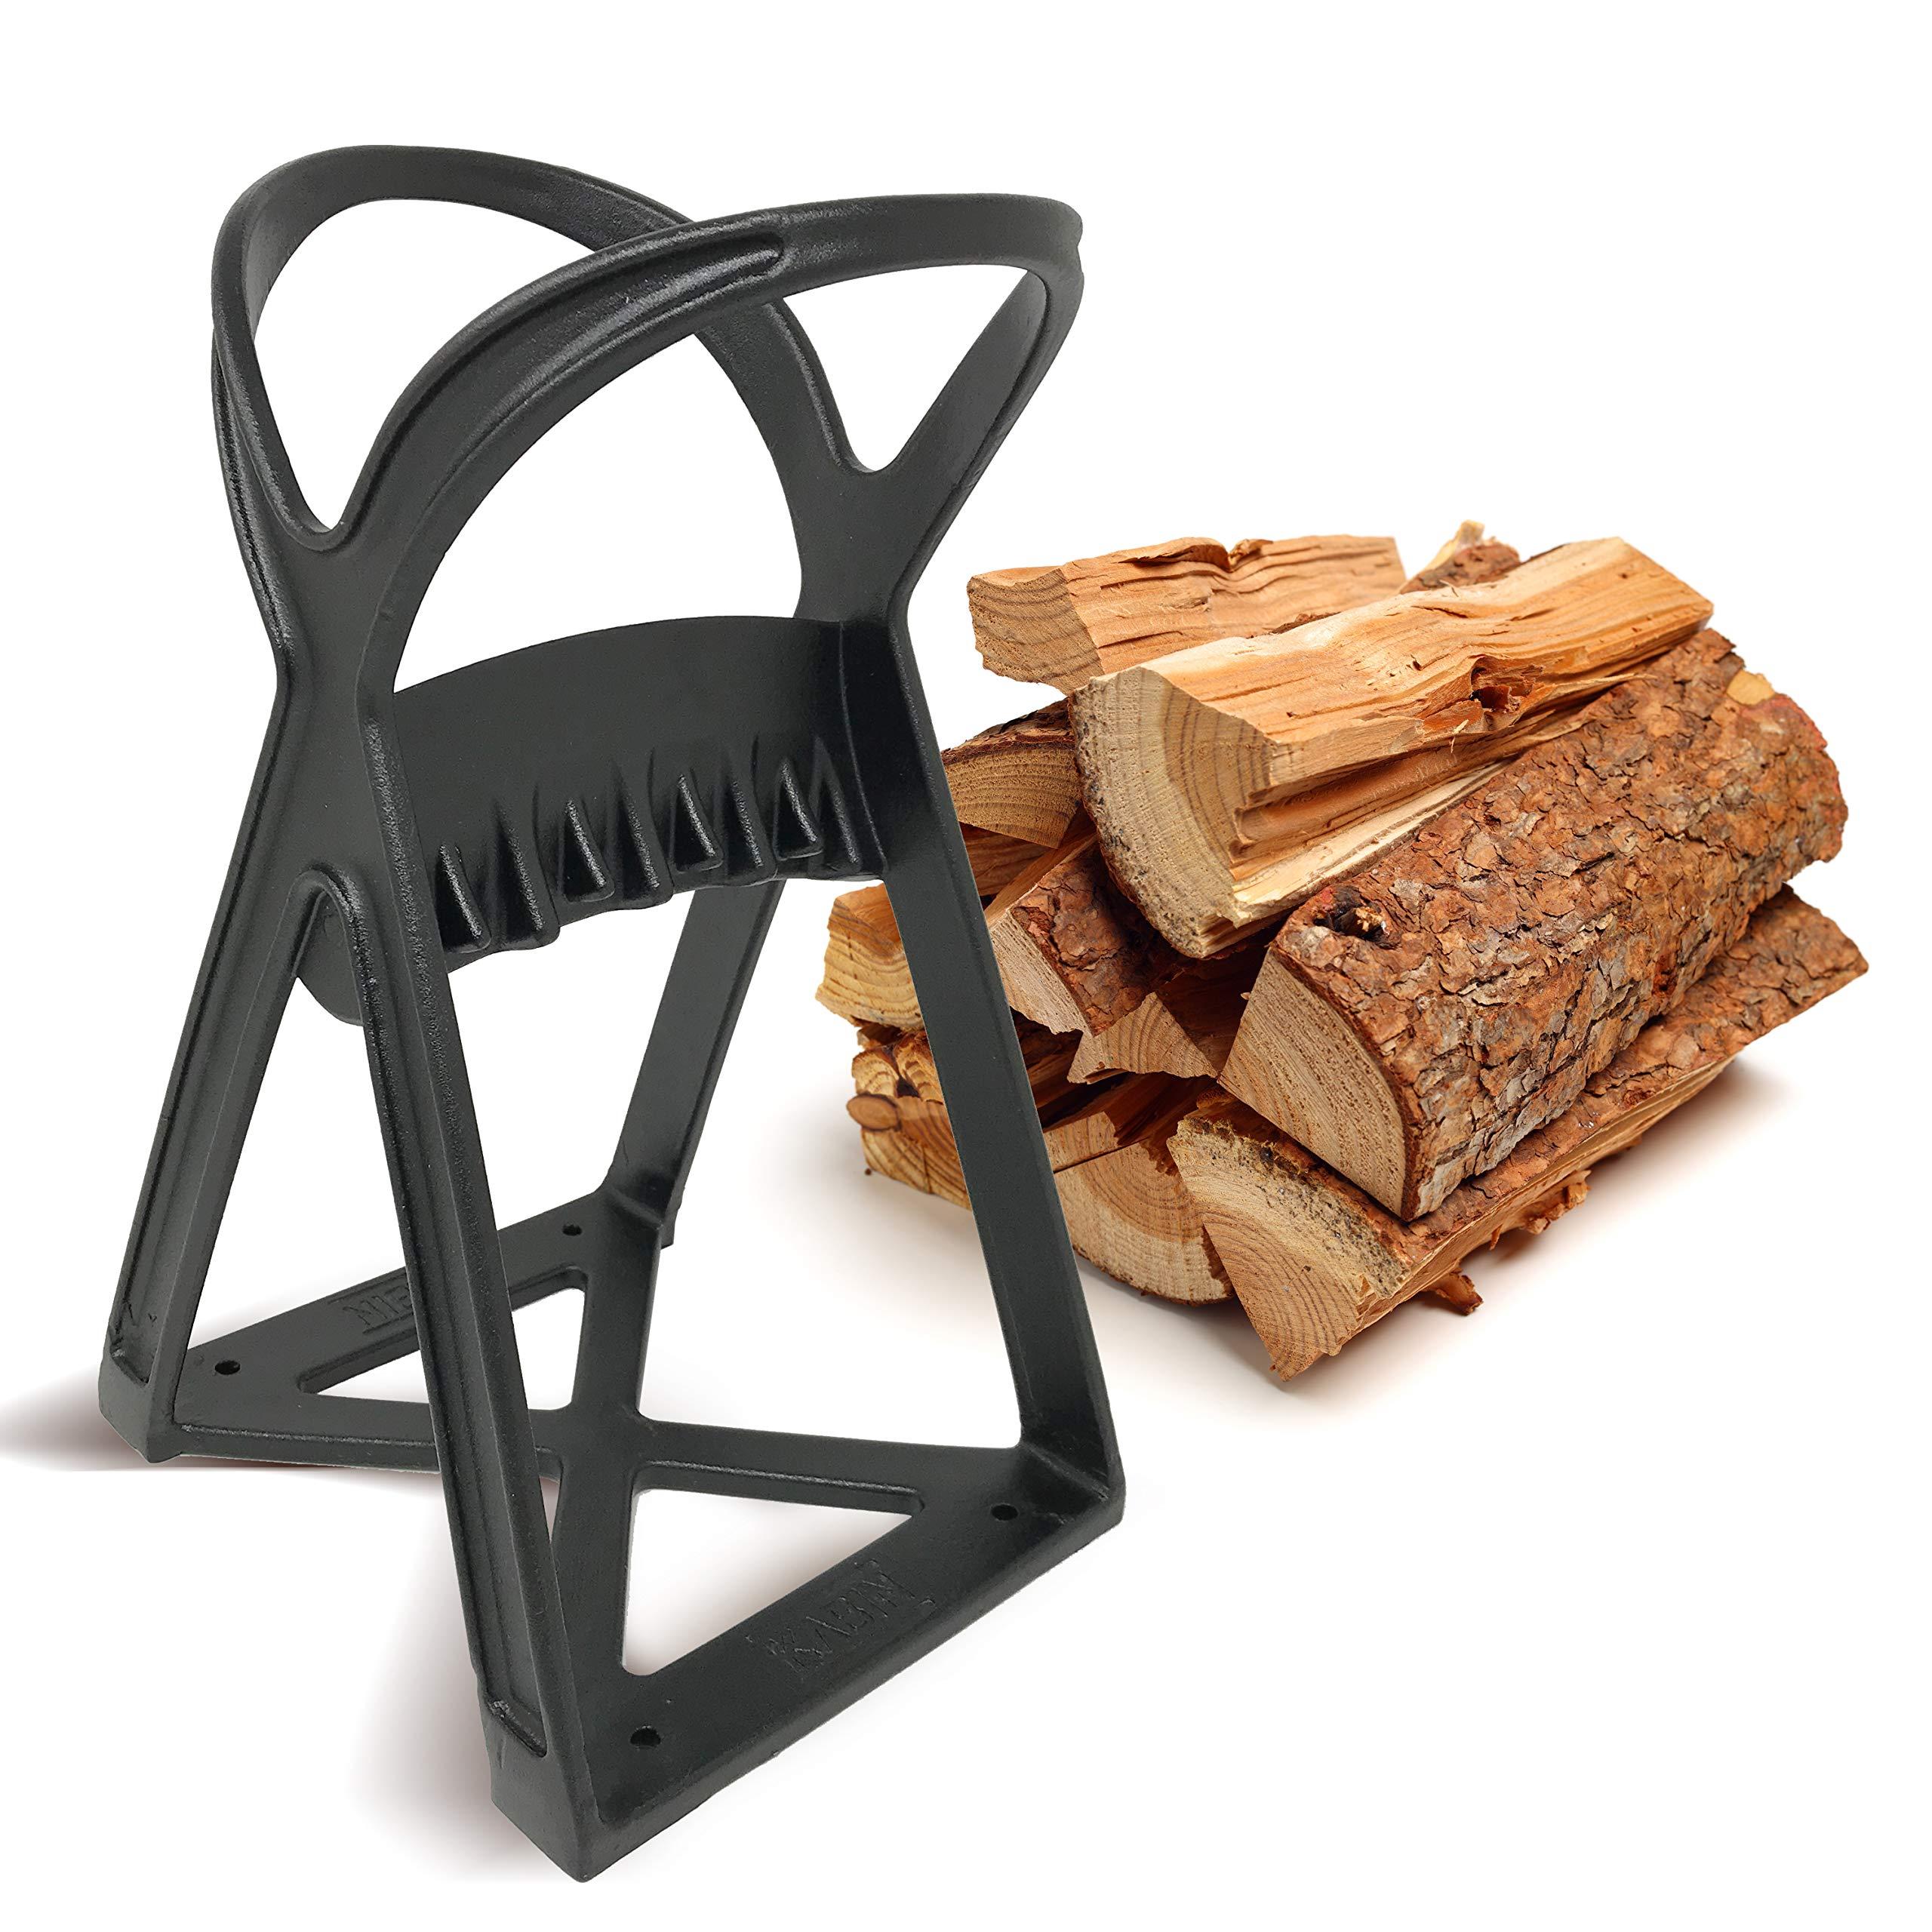 KABIN Kindle Quick Log Splitter